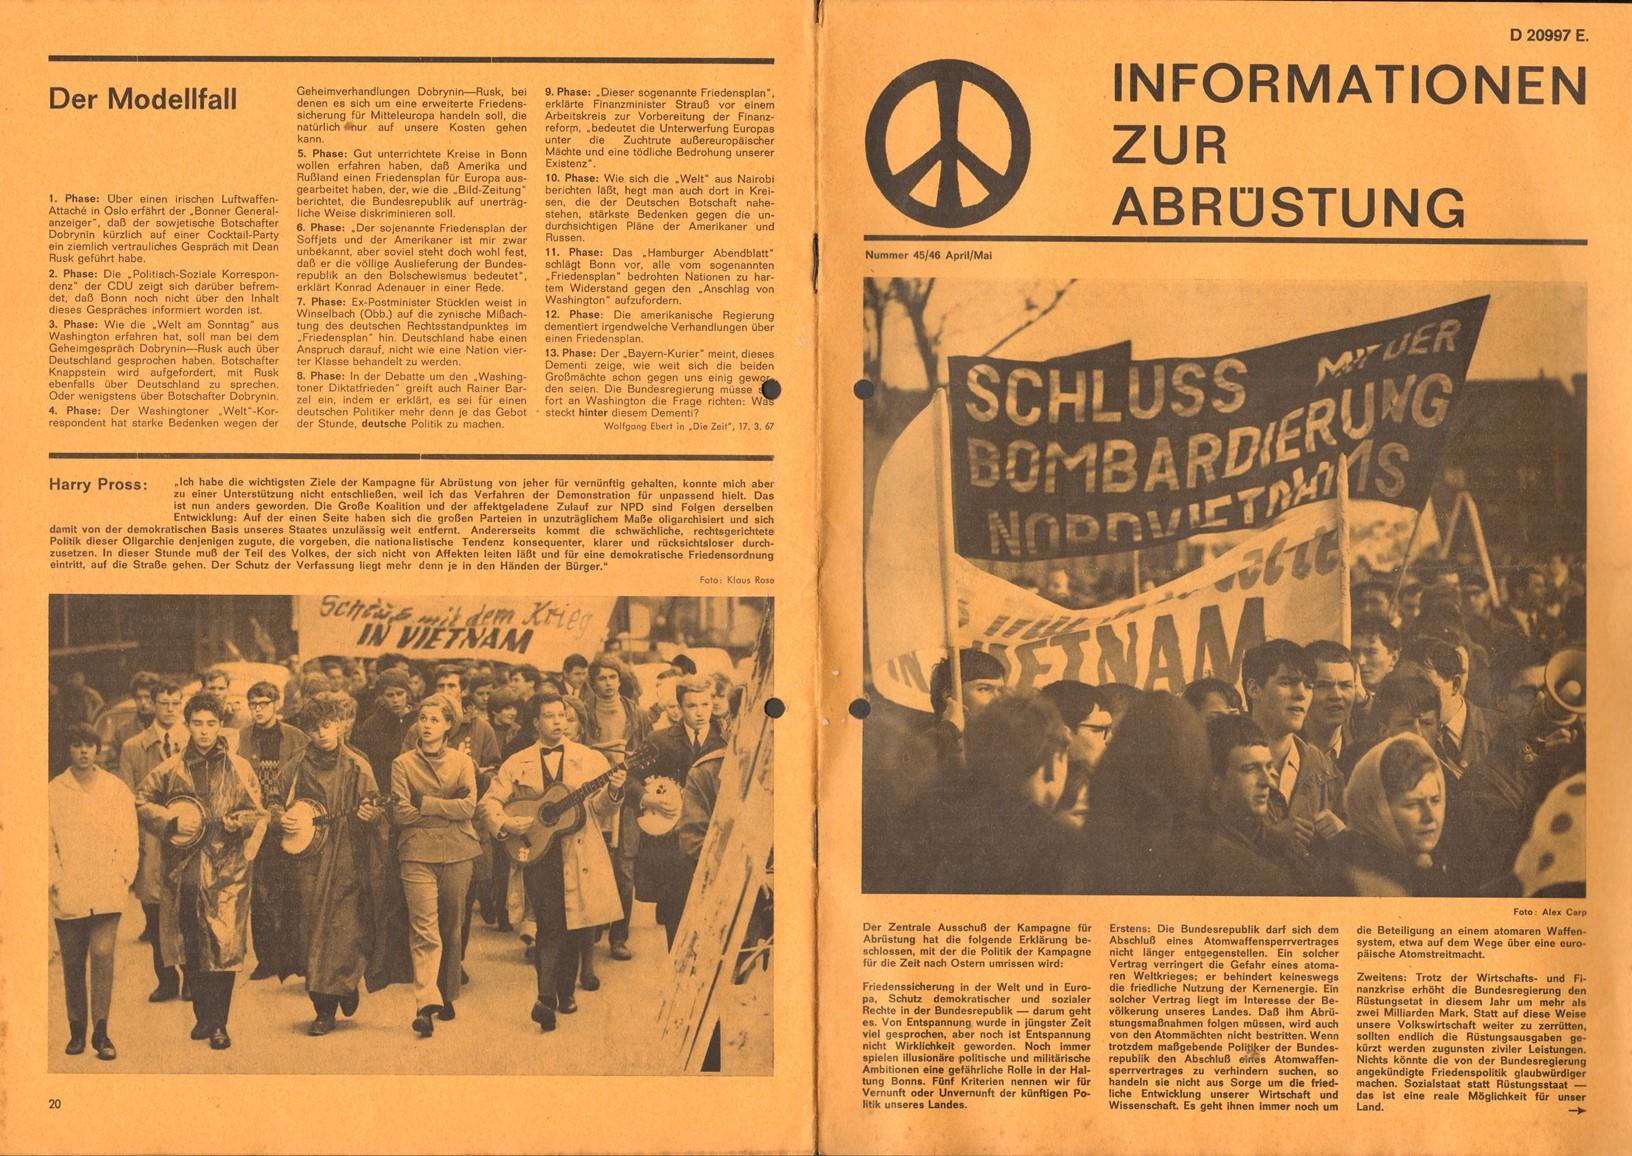 Informationen_zur_Abruestung_1967_045_046_001